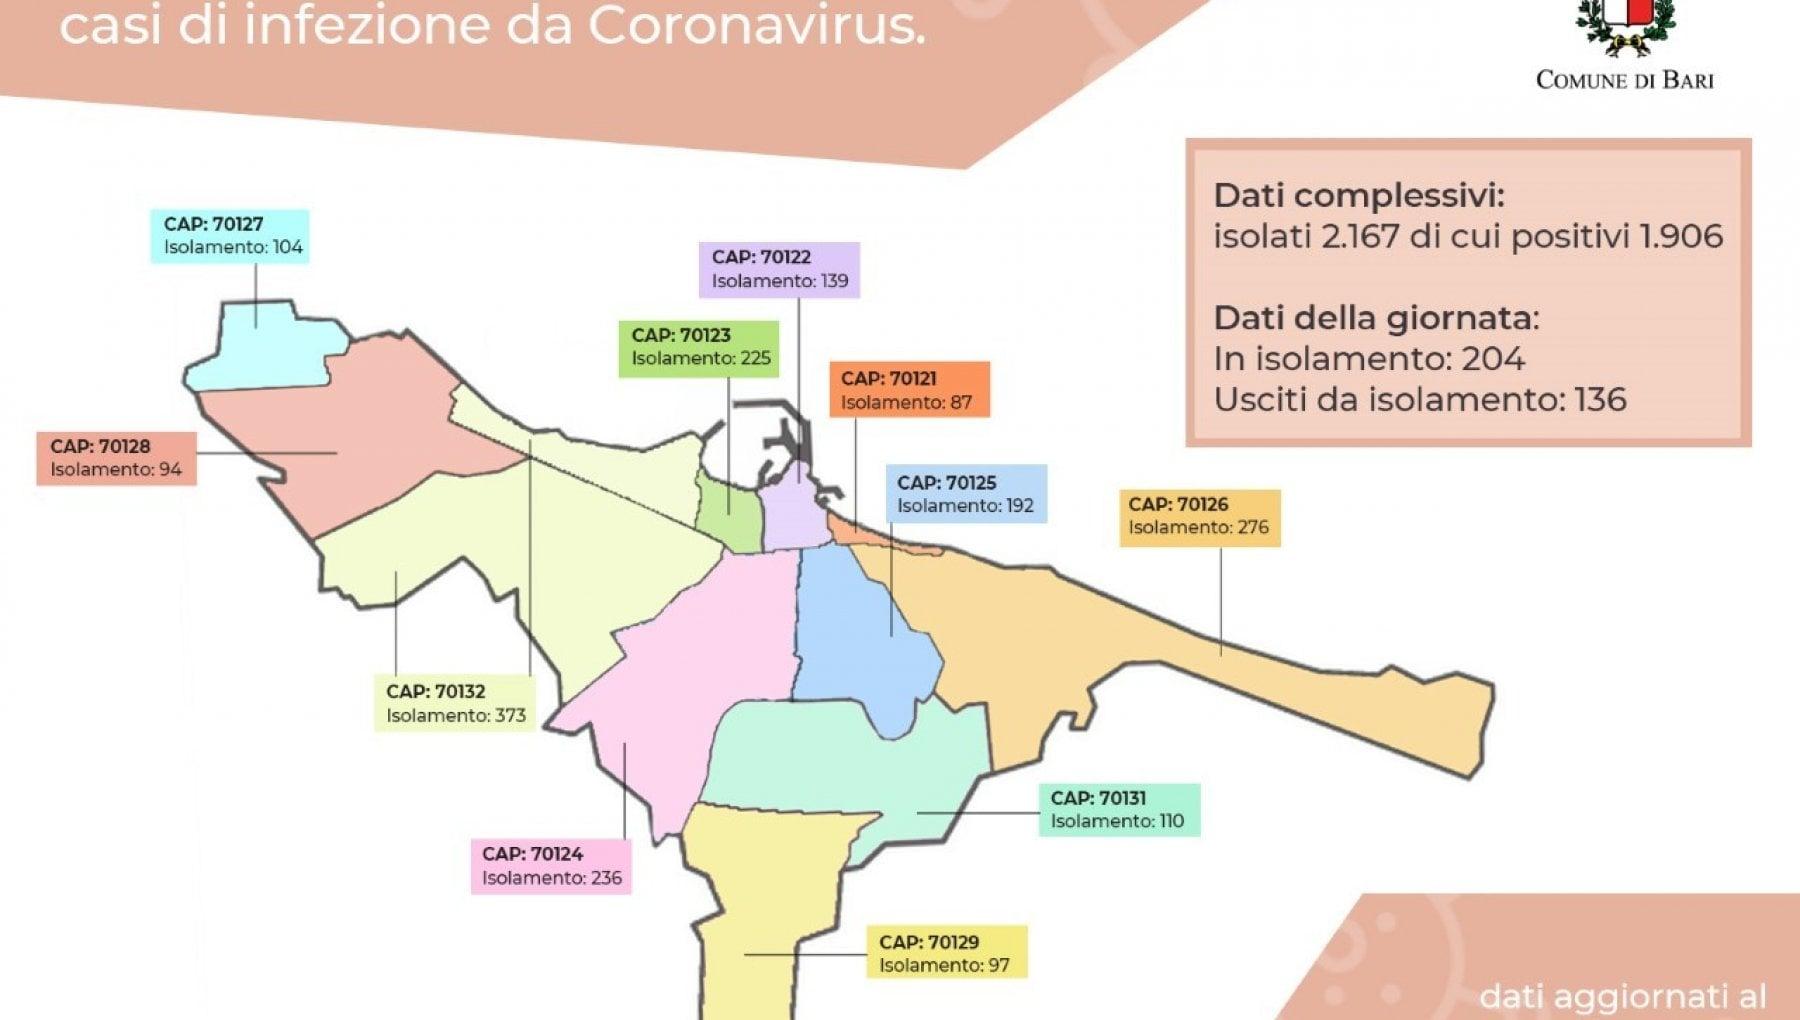 Cartina Distributori Metano Puglia.Coronavirus Ogni Giorno Dal Comune Di Bari La Mappa Del Contagio Sul Sito Ora In Isolamento Oltre 2mila Baresi La Repubblica